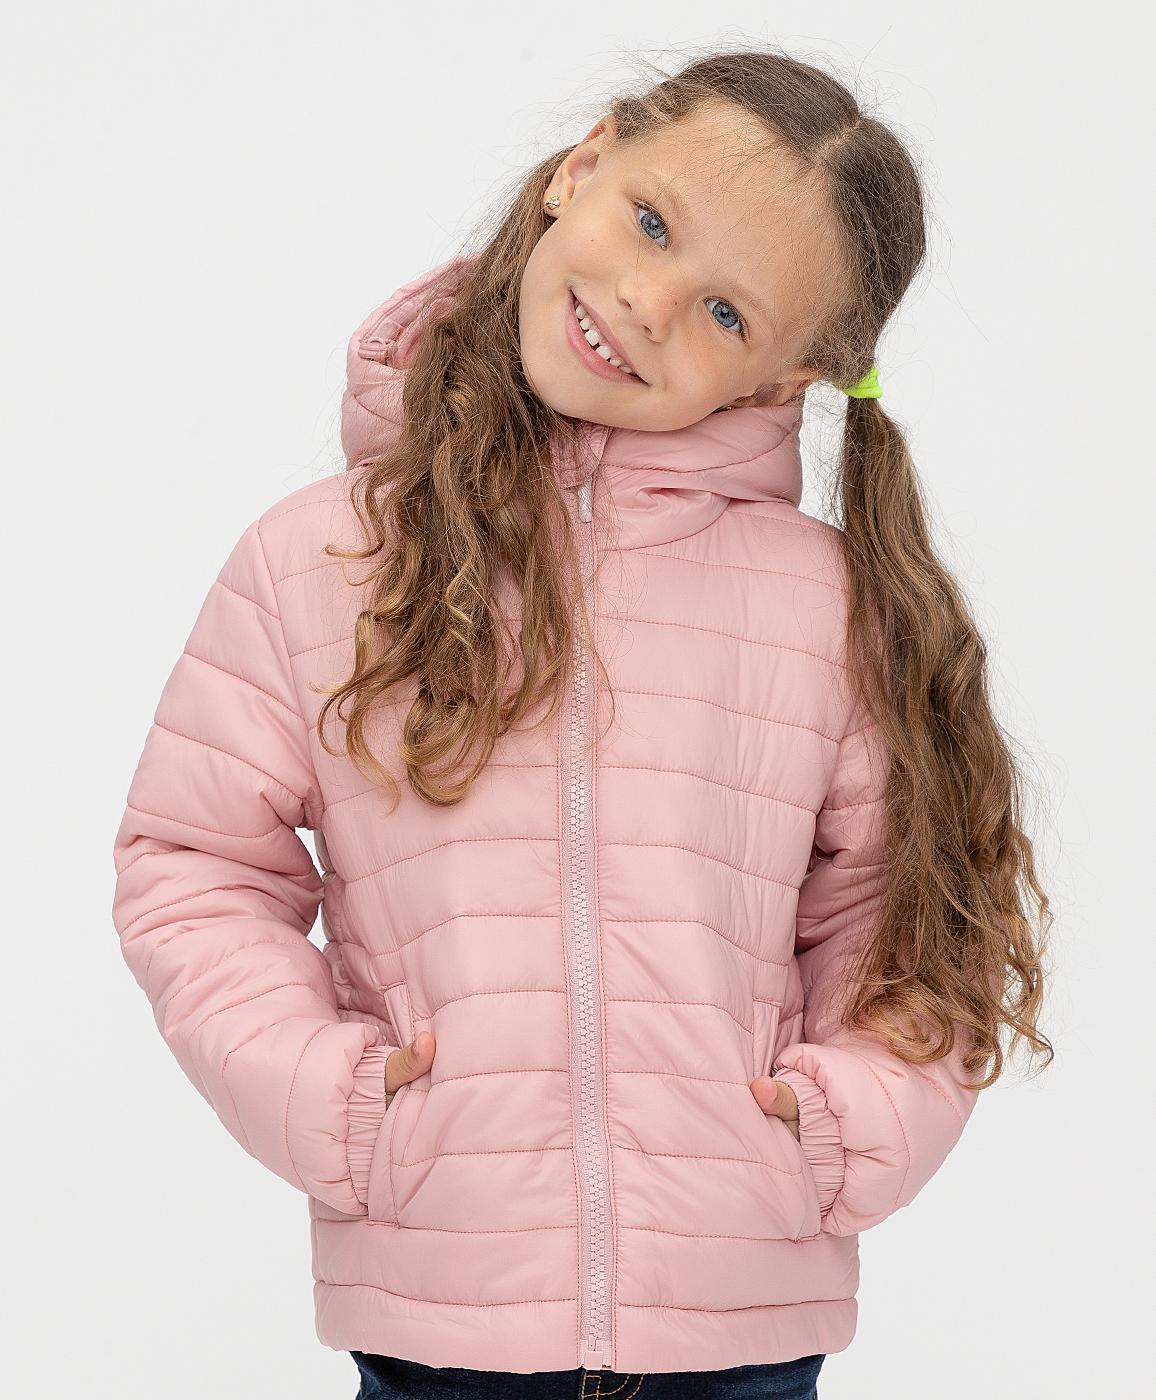 Купить 221BBGB41011200, Куртка демисезонная розовая Button Blue, розовый, 152, Нейлон, Женский, Демисезон, ОСЕНЬ/ЗИМА 2021-2022 (shop: GulliverMarket Gulliver Market)